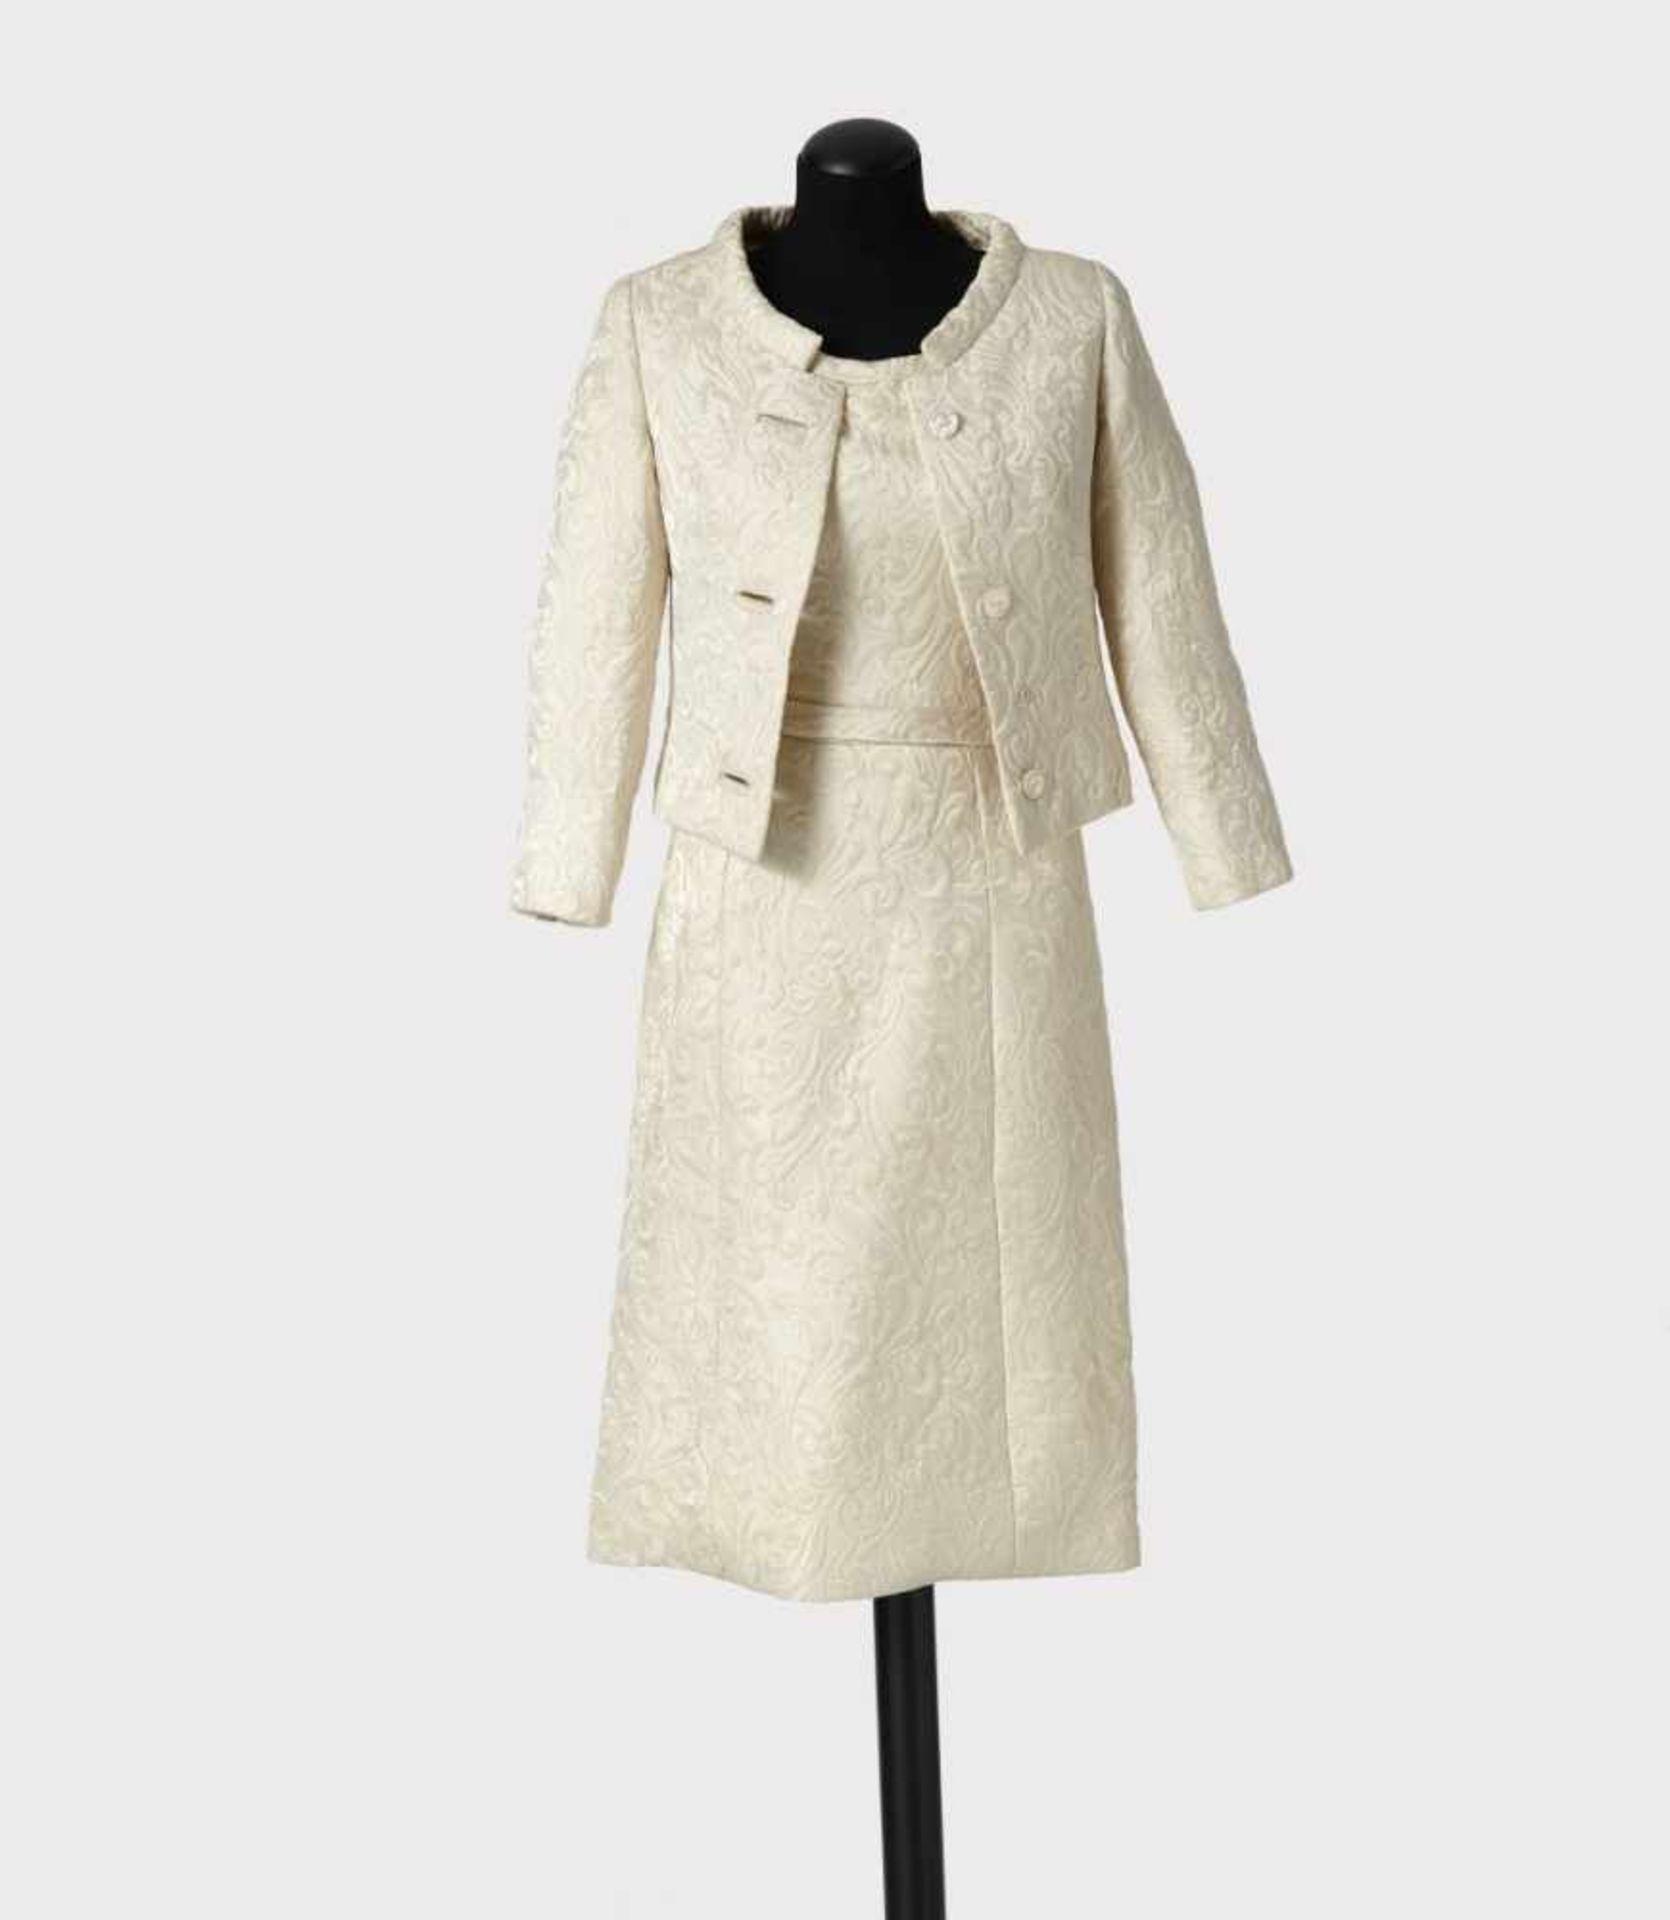 Two-piece Ensemble: Dress and JacketPierre Balmain for Pierre Balmain Haute Couture, Paris 1965